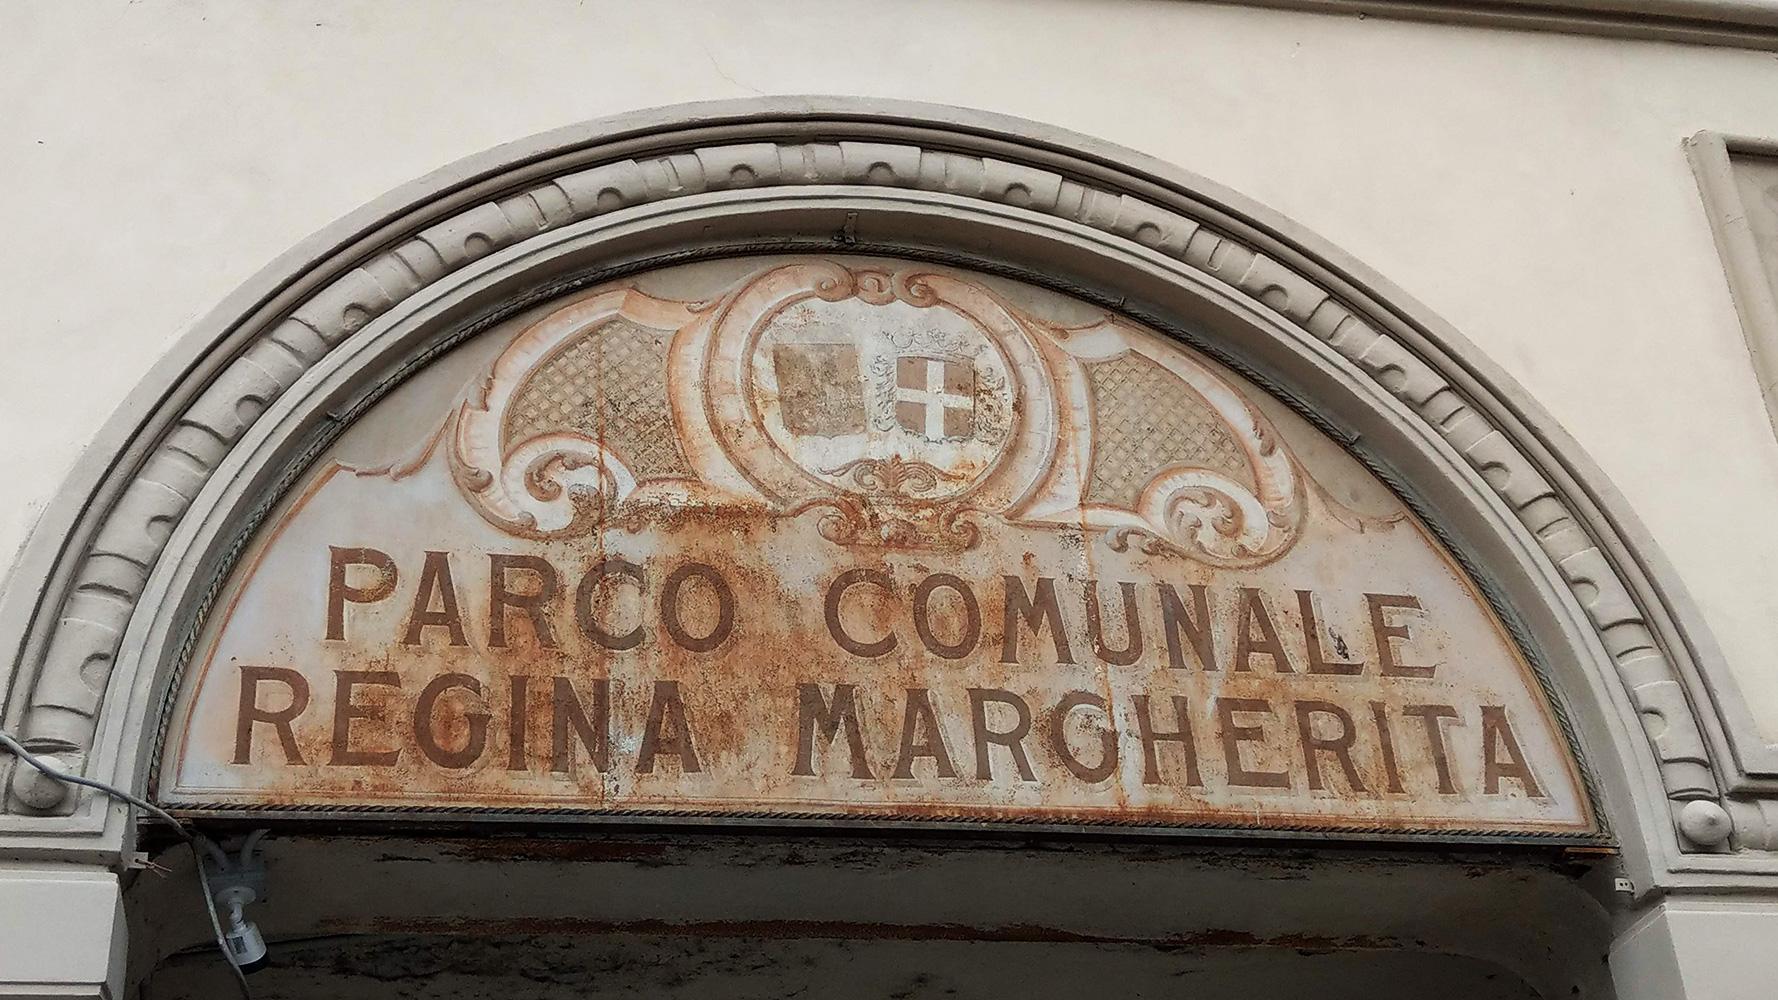 Parco Comunale Regina Margherita